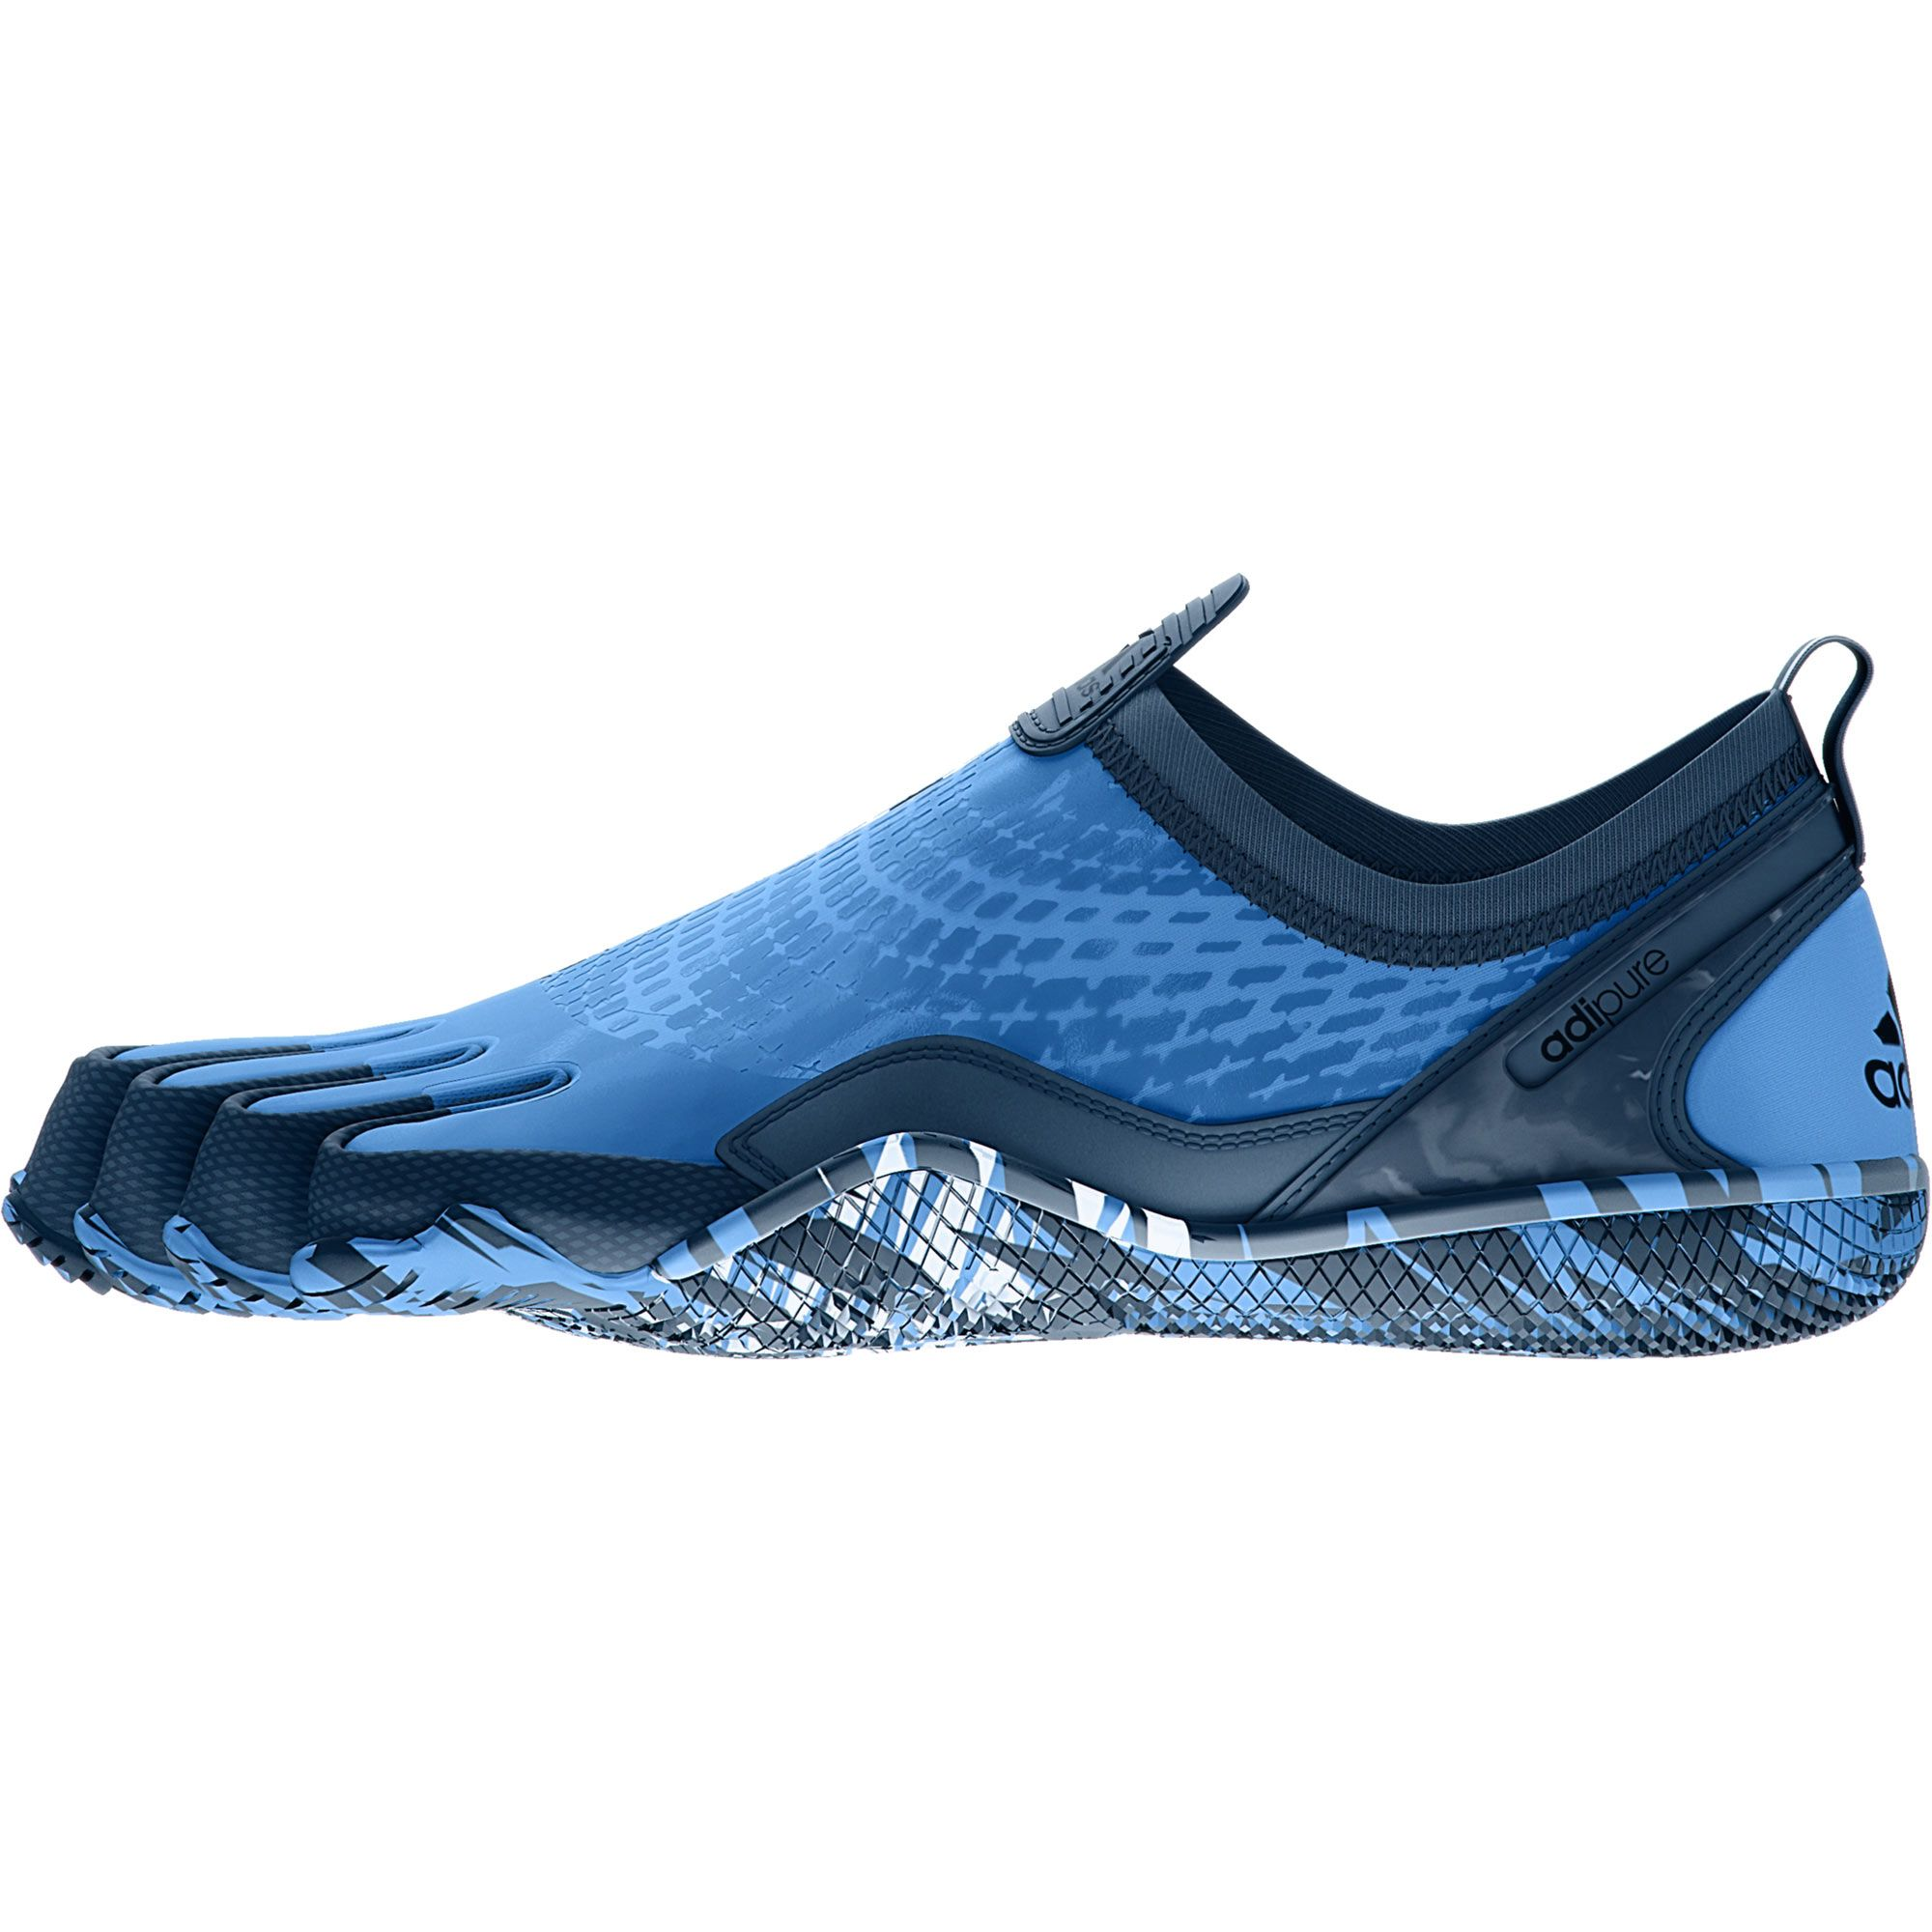 adidas adipure trainer 1.1 online